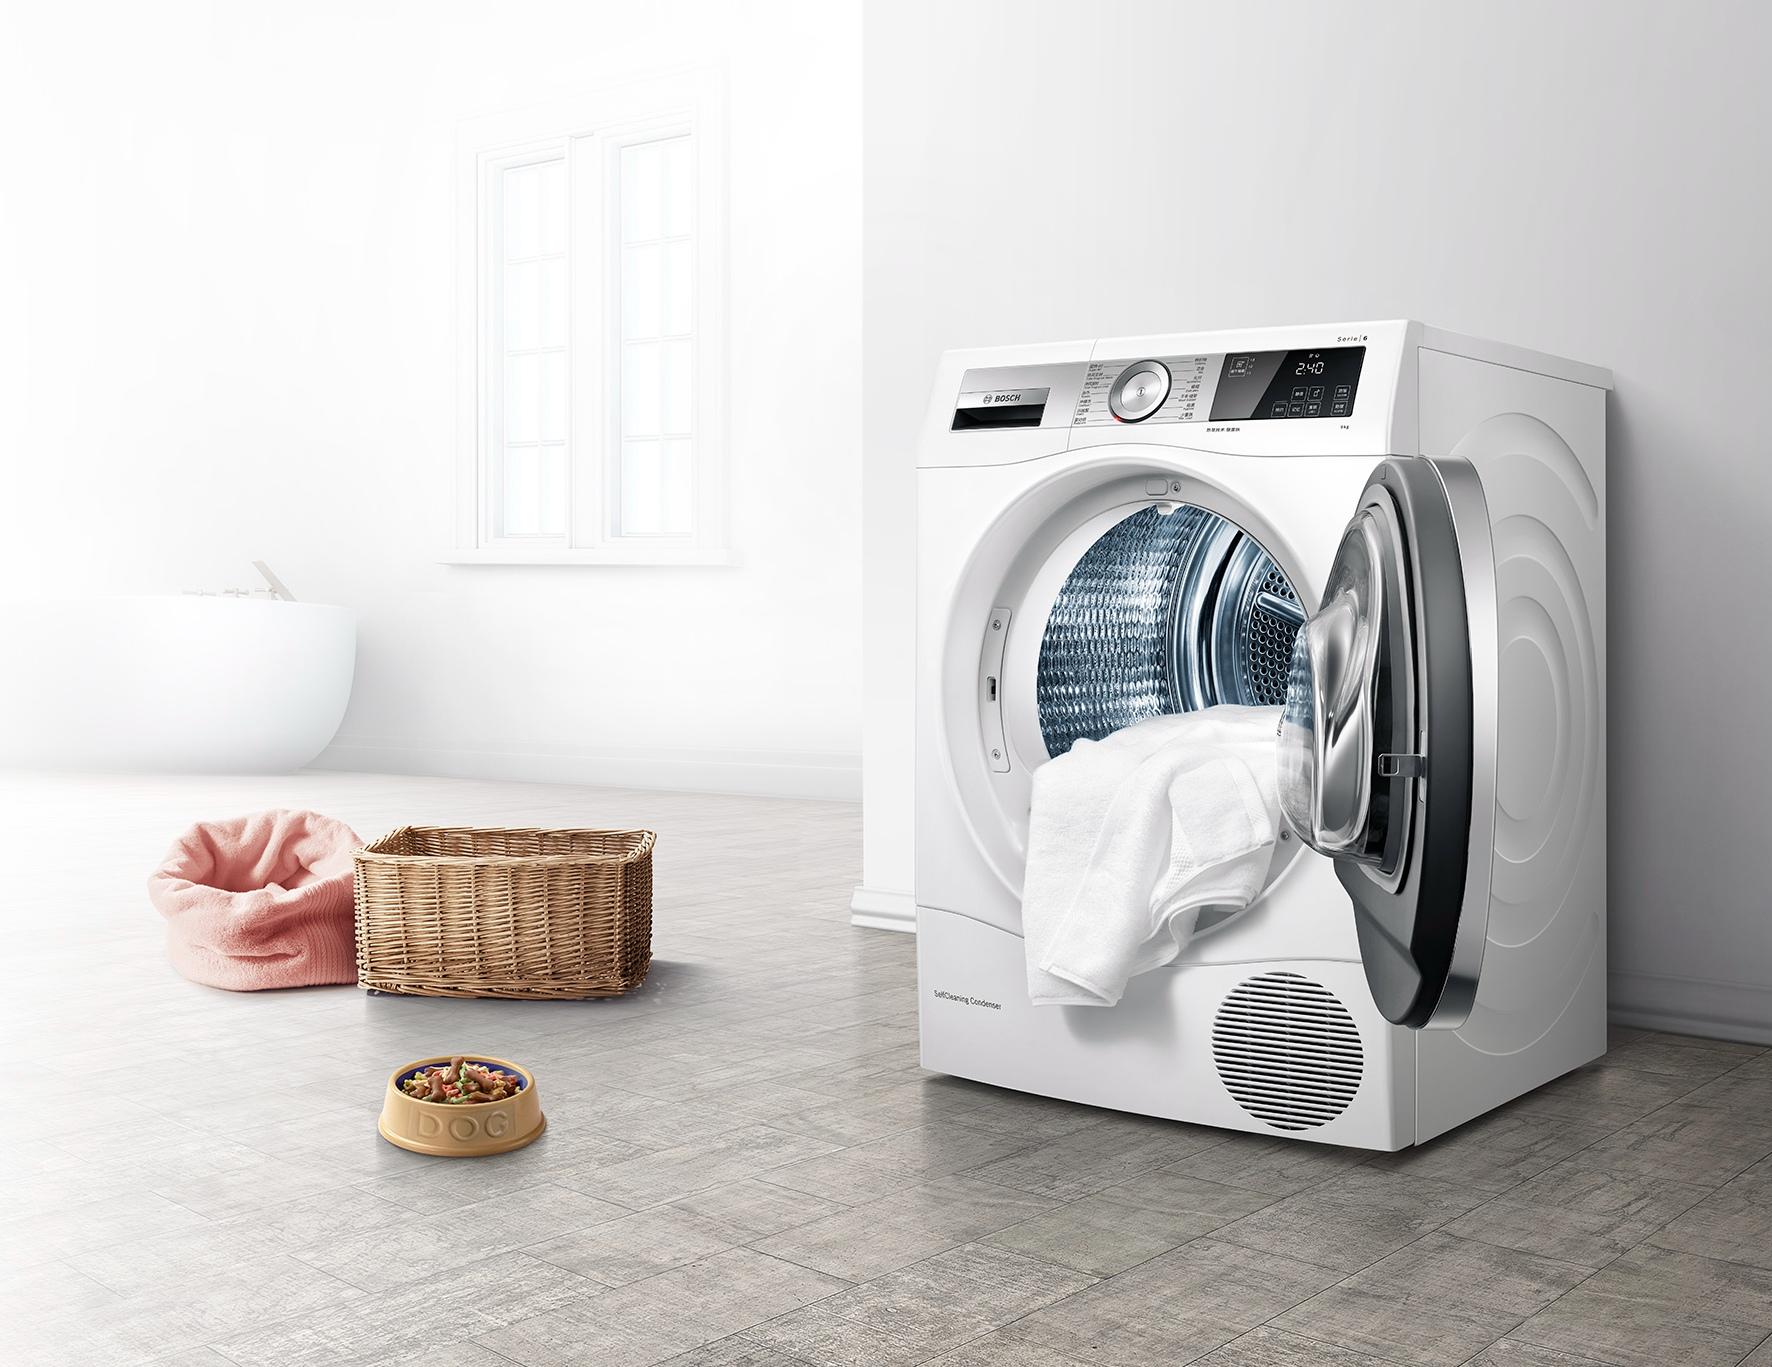 博世6系干衣机全新上市,开启室内干衣新时代